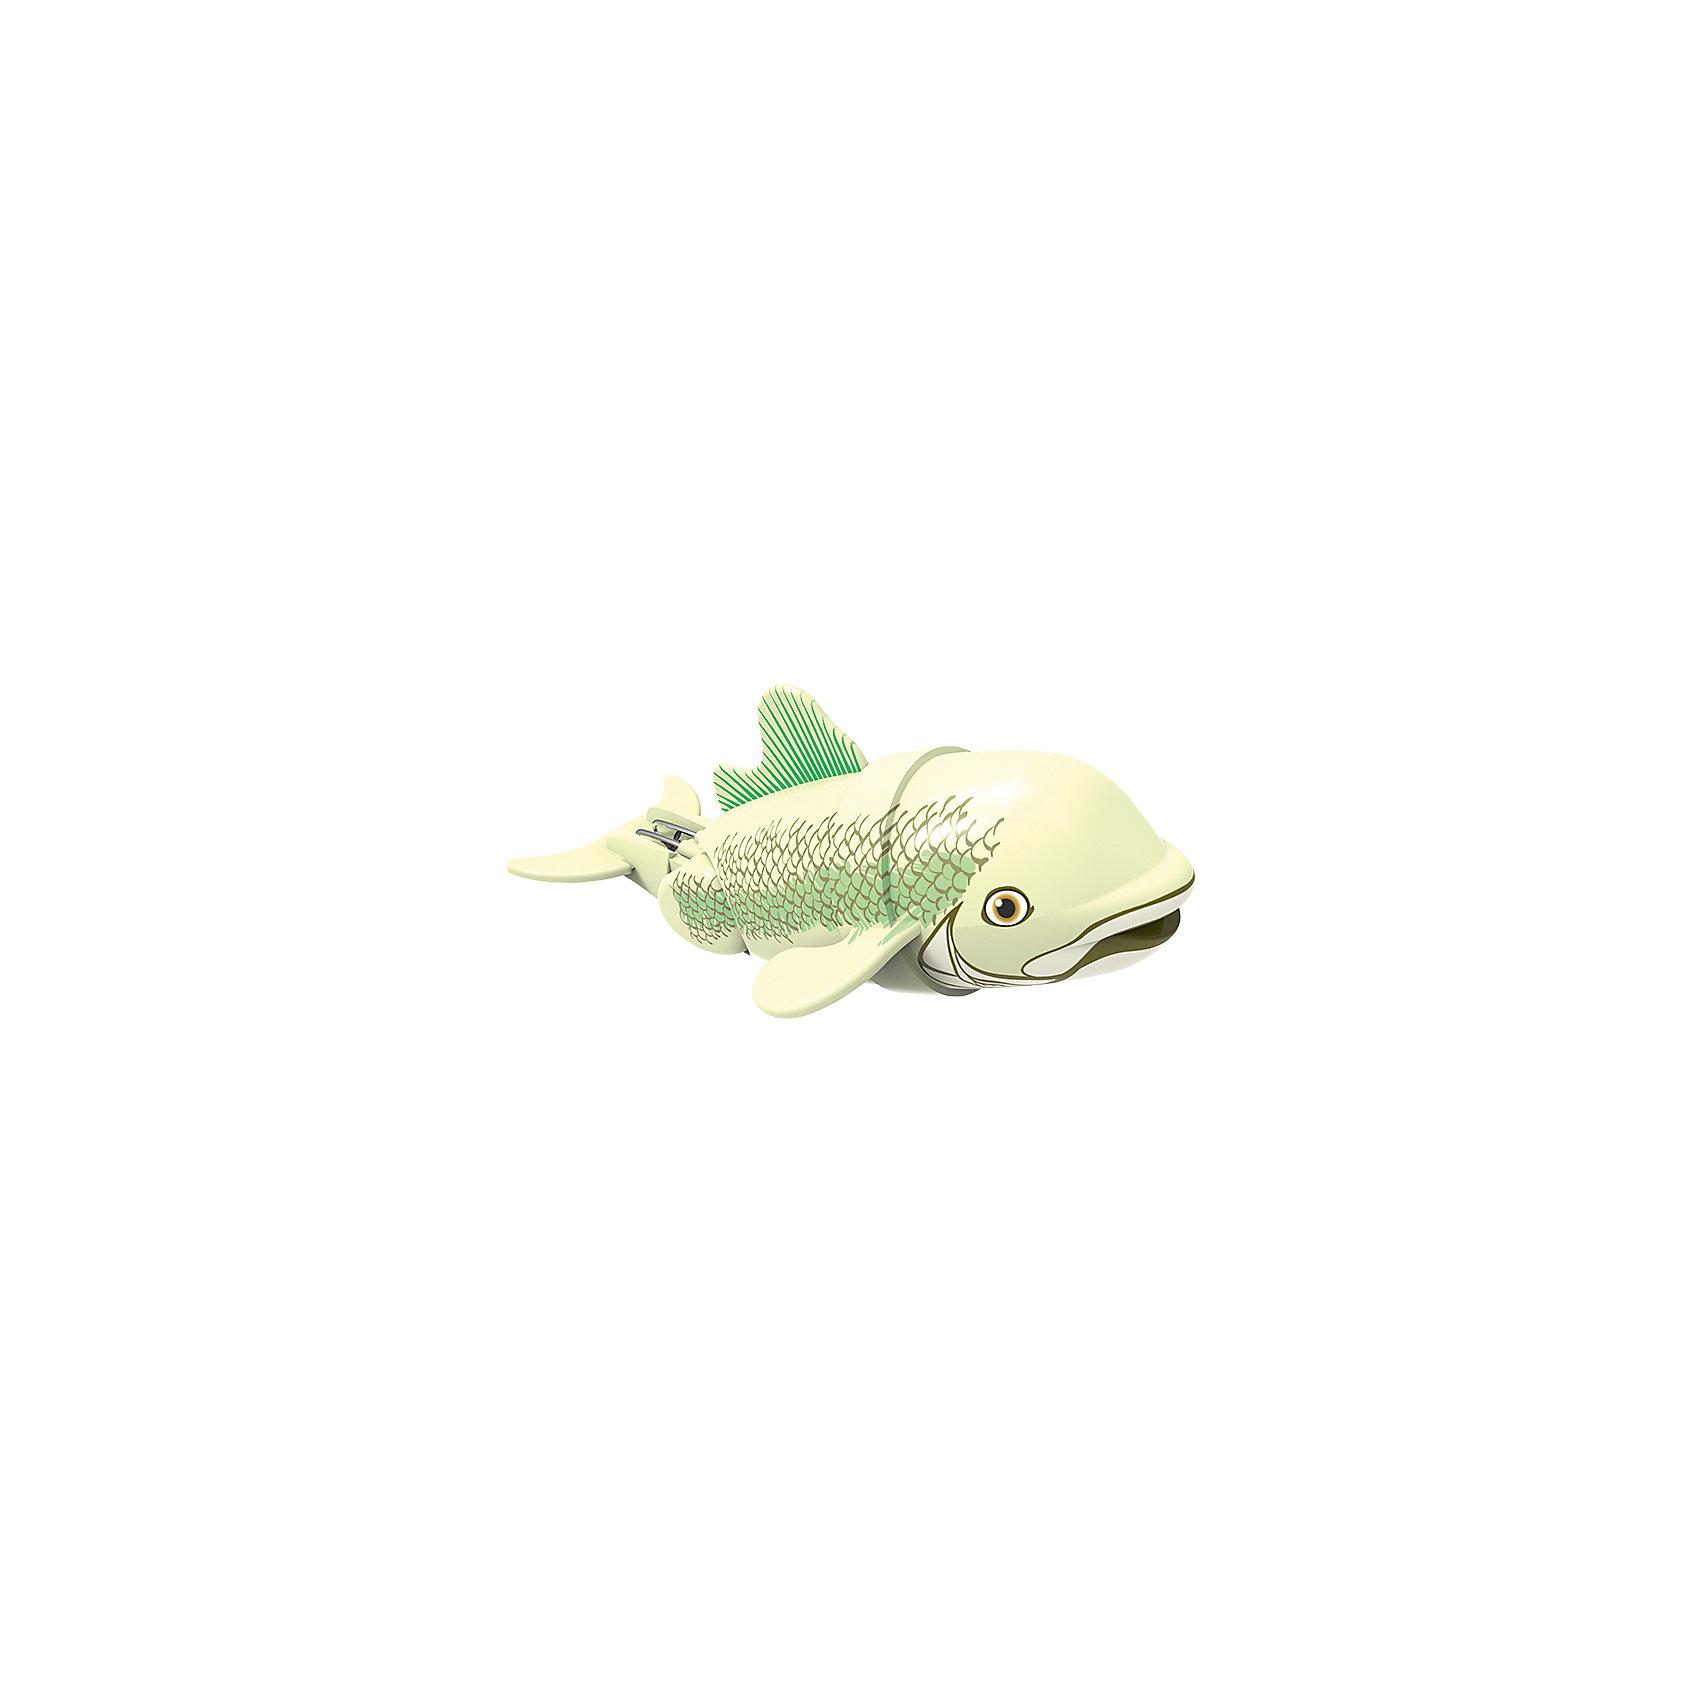 Рыбка-акробат Бубба, 12 см, REDWOODРыбка-акробат плавает и ныряет. Траектория движения игрушки зависит от наклона хвоста. Игрушка работает от двух батарее типа ААА (LR03). Батарейки в комплект не входят.<br><br>Ширина мм: 160<br>Глубина мм: 140<br>Высота мм: 85<br>Вес г: 416<br>Возраст от месяцев: 36<br>Возраст до месяцев: 2147483647<br>Пол: Унисекс<br>Возраст: Детский<br>SKU: 5544174